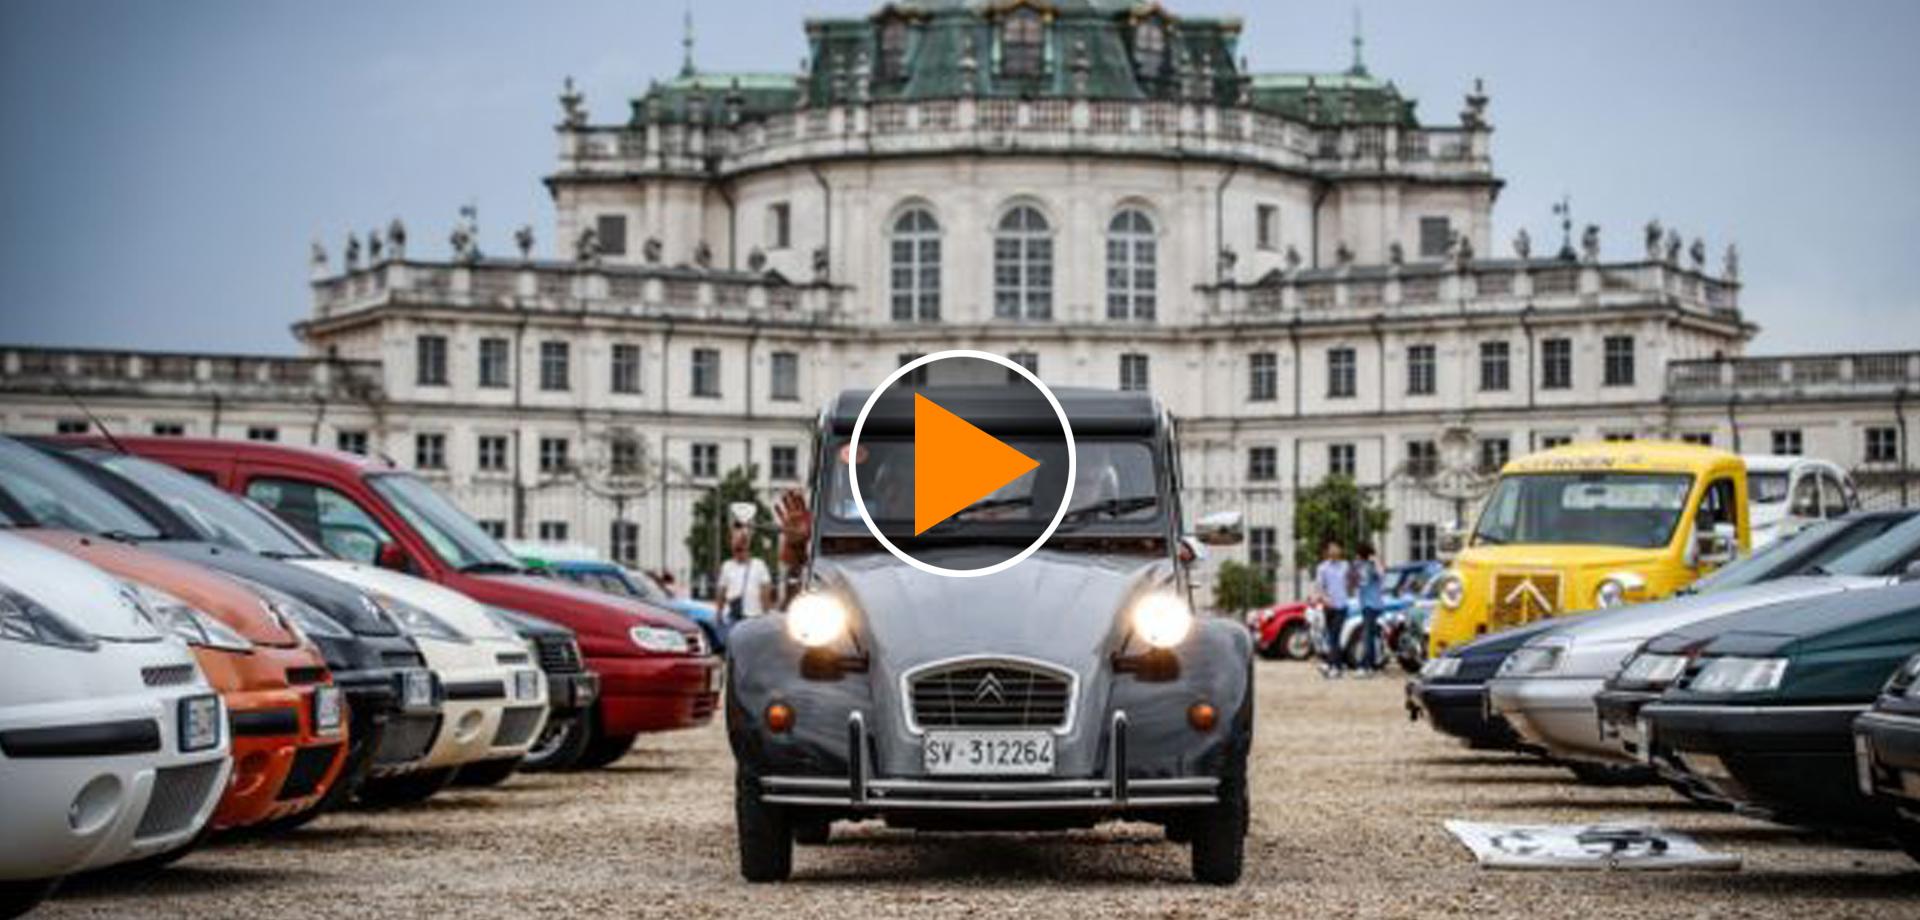 TORINO CELEBRA I 100 ANNI DI Citroën